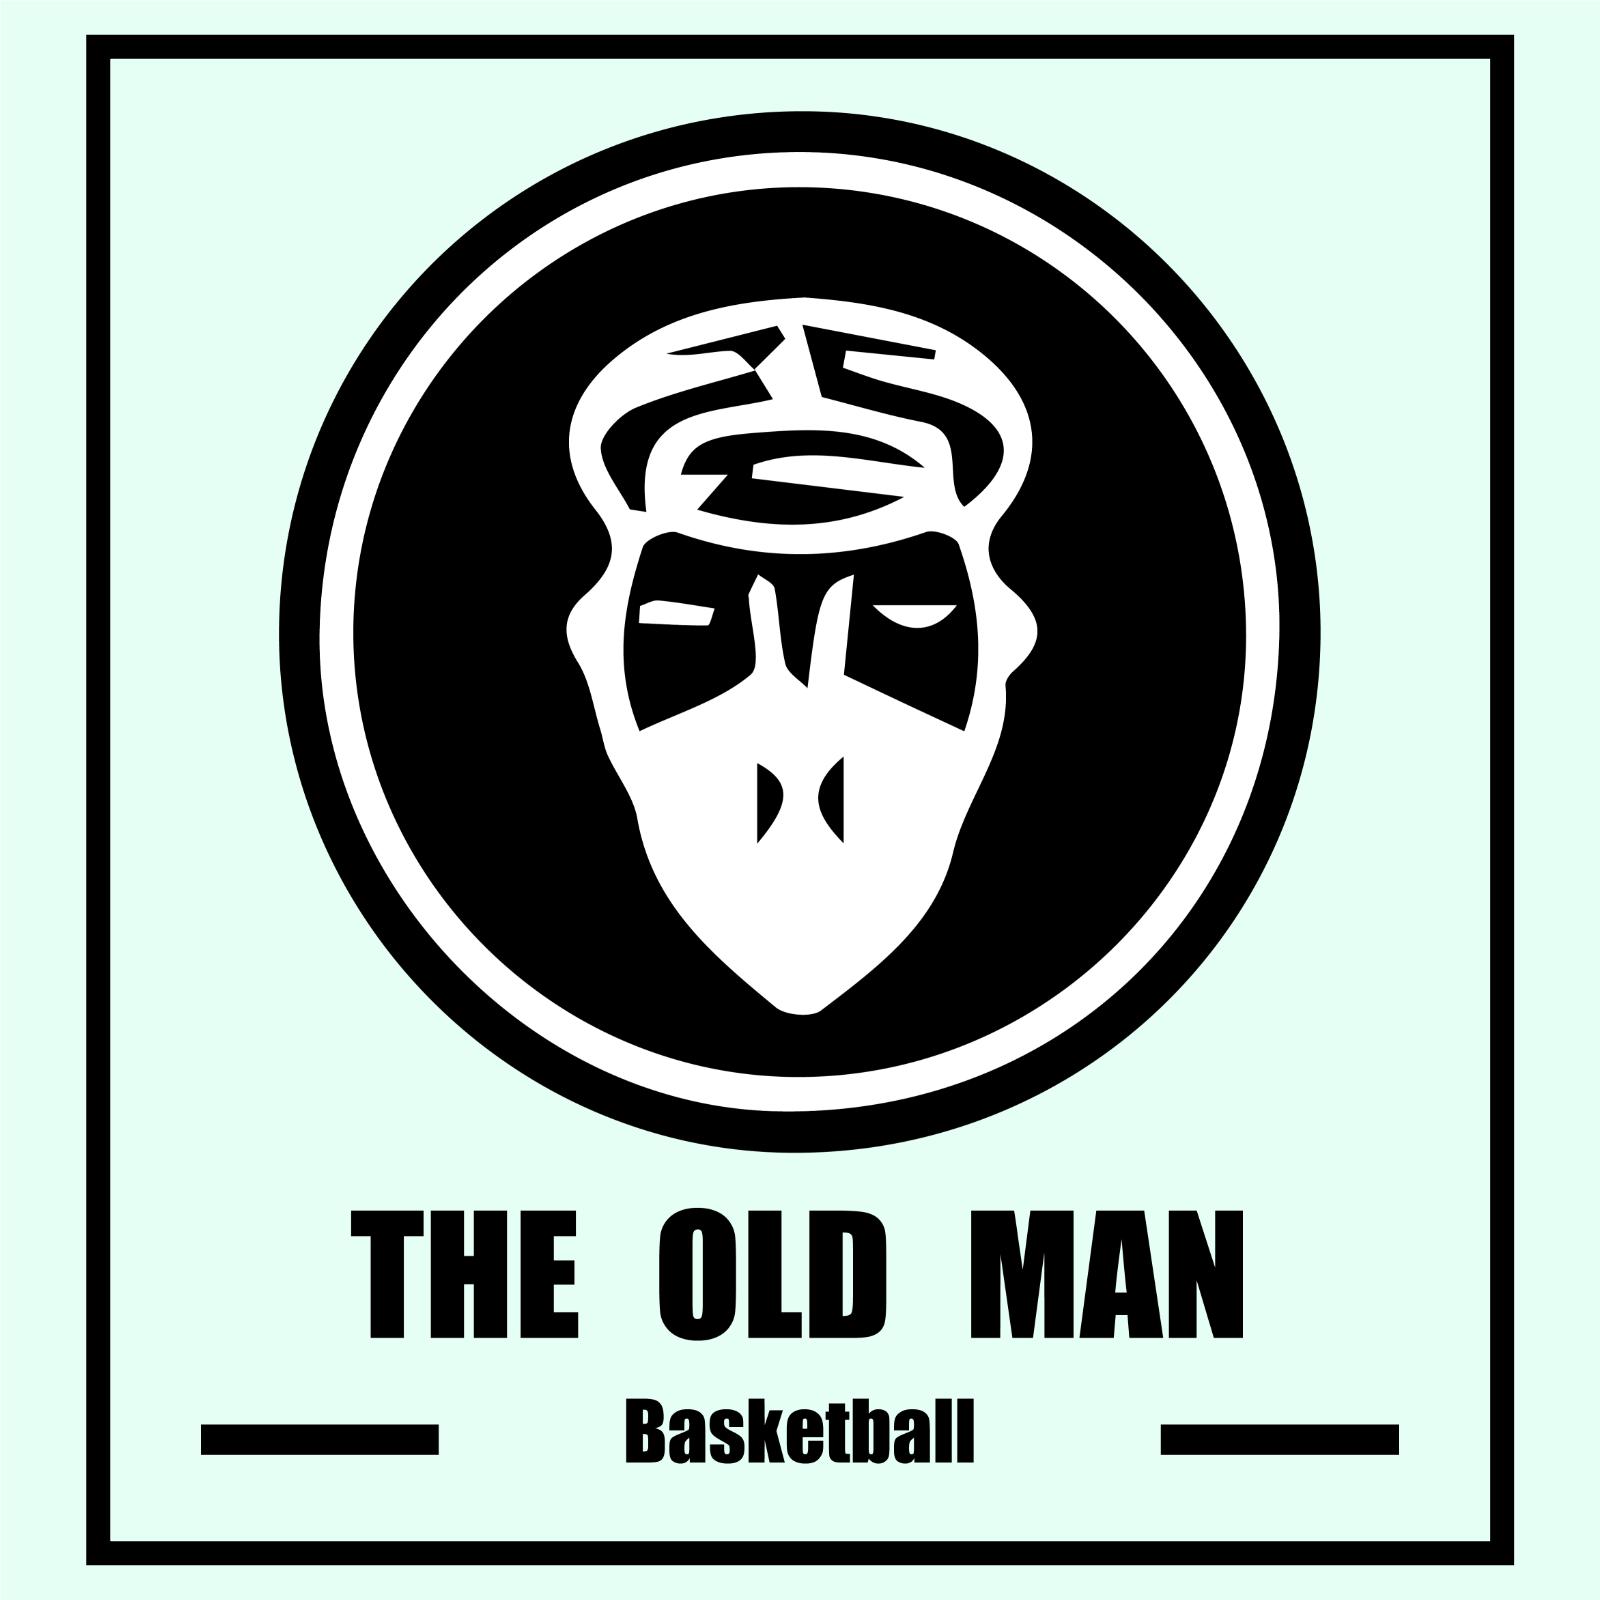 大叔籃球魂EP4-金塊湖人最終戰,你的全力詹已上線,湖人輕鬆晉級。熱火賽爾提克G6分出勝負關鍵球員會是誰?